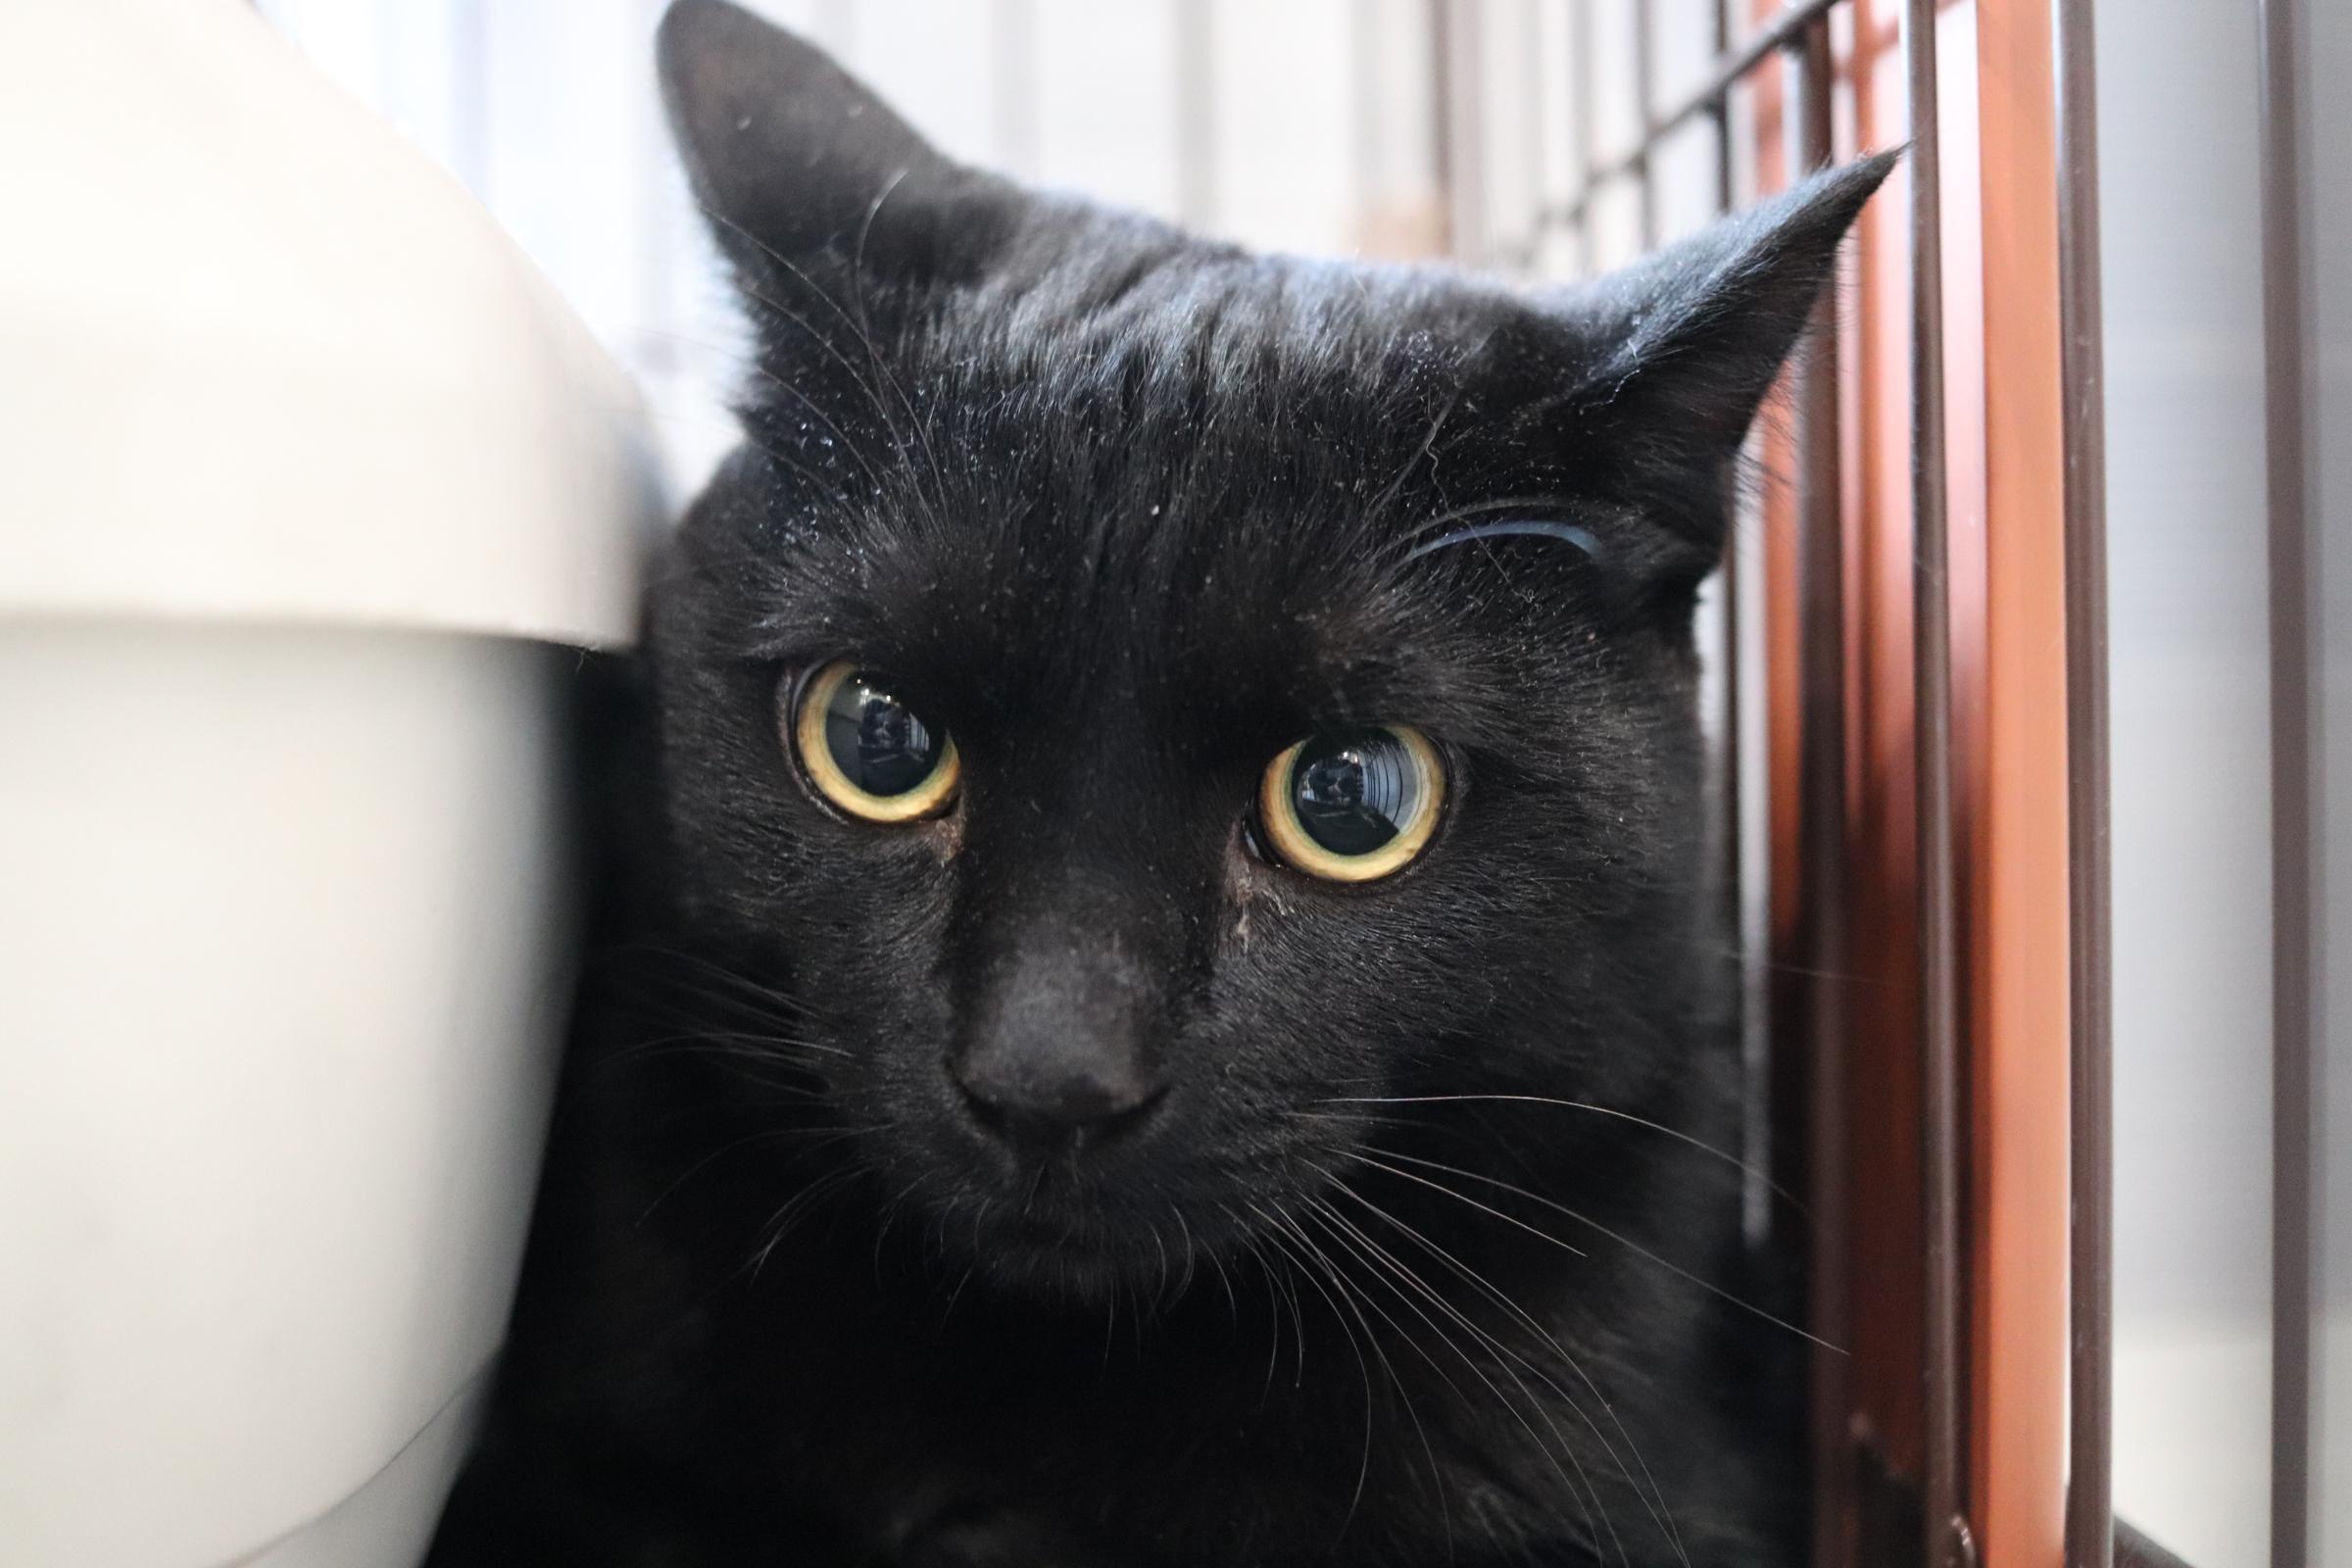 <ul> <li>猫種:日本猫</li> <li>性別:男の子</li> <li>名前:はっちゃん</li> <li>年齢:2020年8月頃生まれ</li> <li>保護経緯:飼い主が高齢になり入院したため飼育困難 </li> </ul>